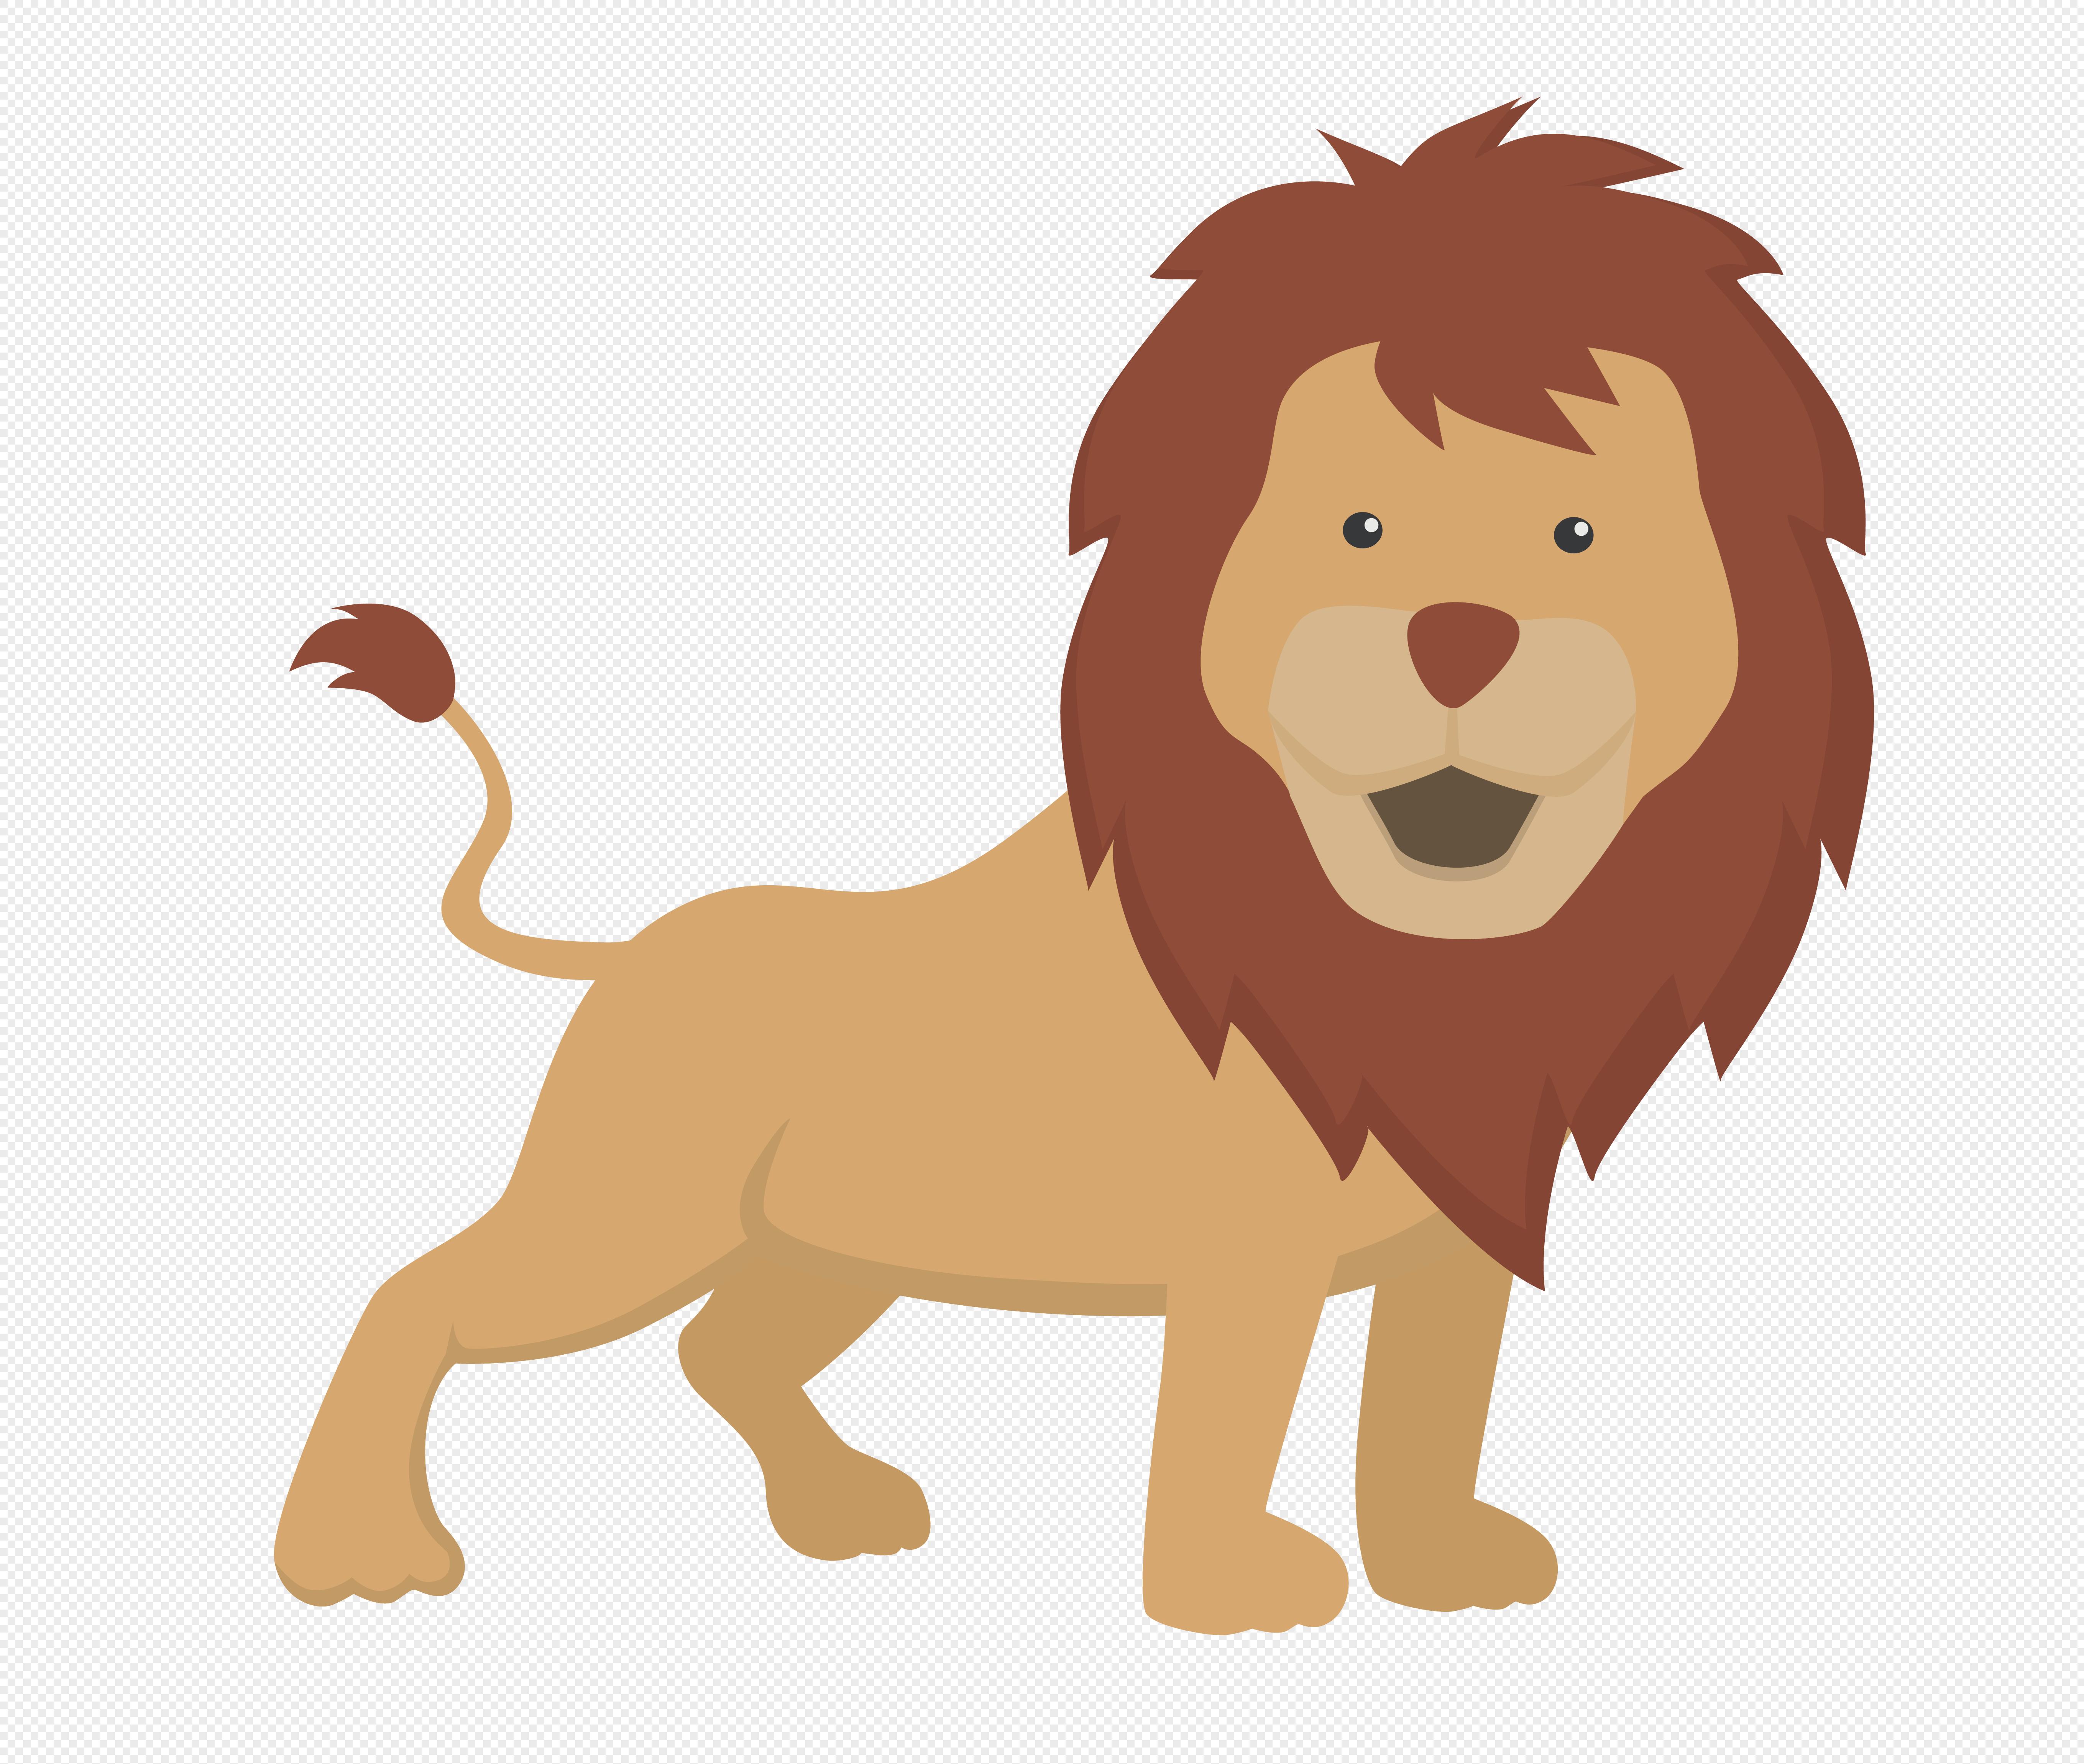 图片 素材 手绘/卡通元素 狮子.